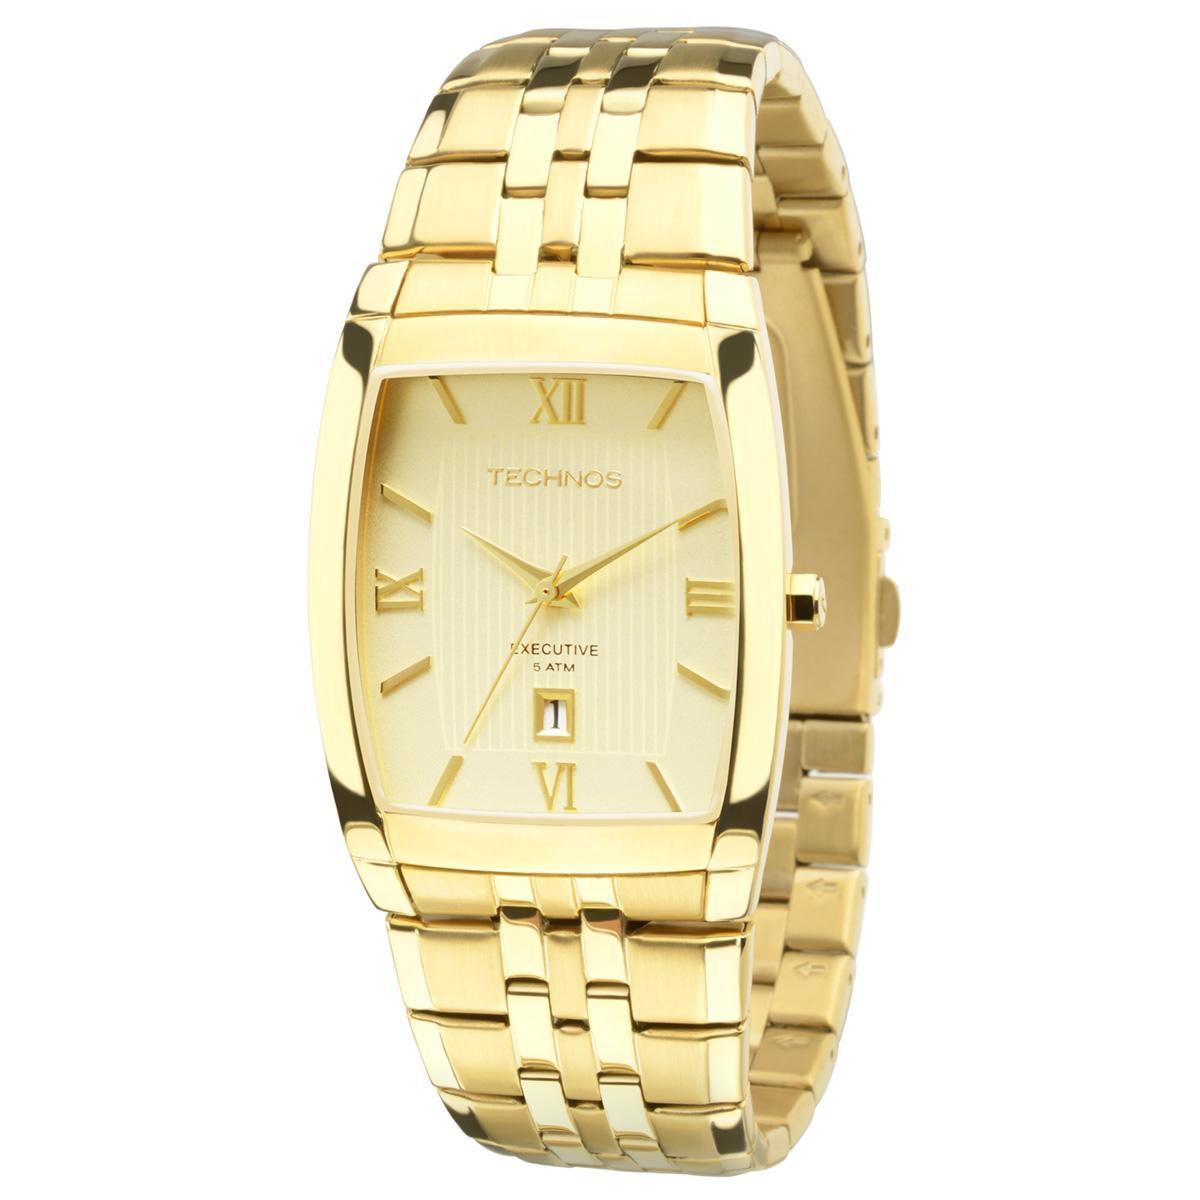 Relógio Unissex Technos Executive 1N12MP/4X 32mm Aço Dourado